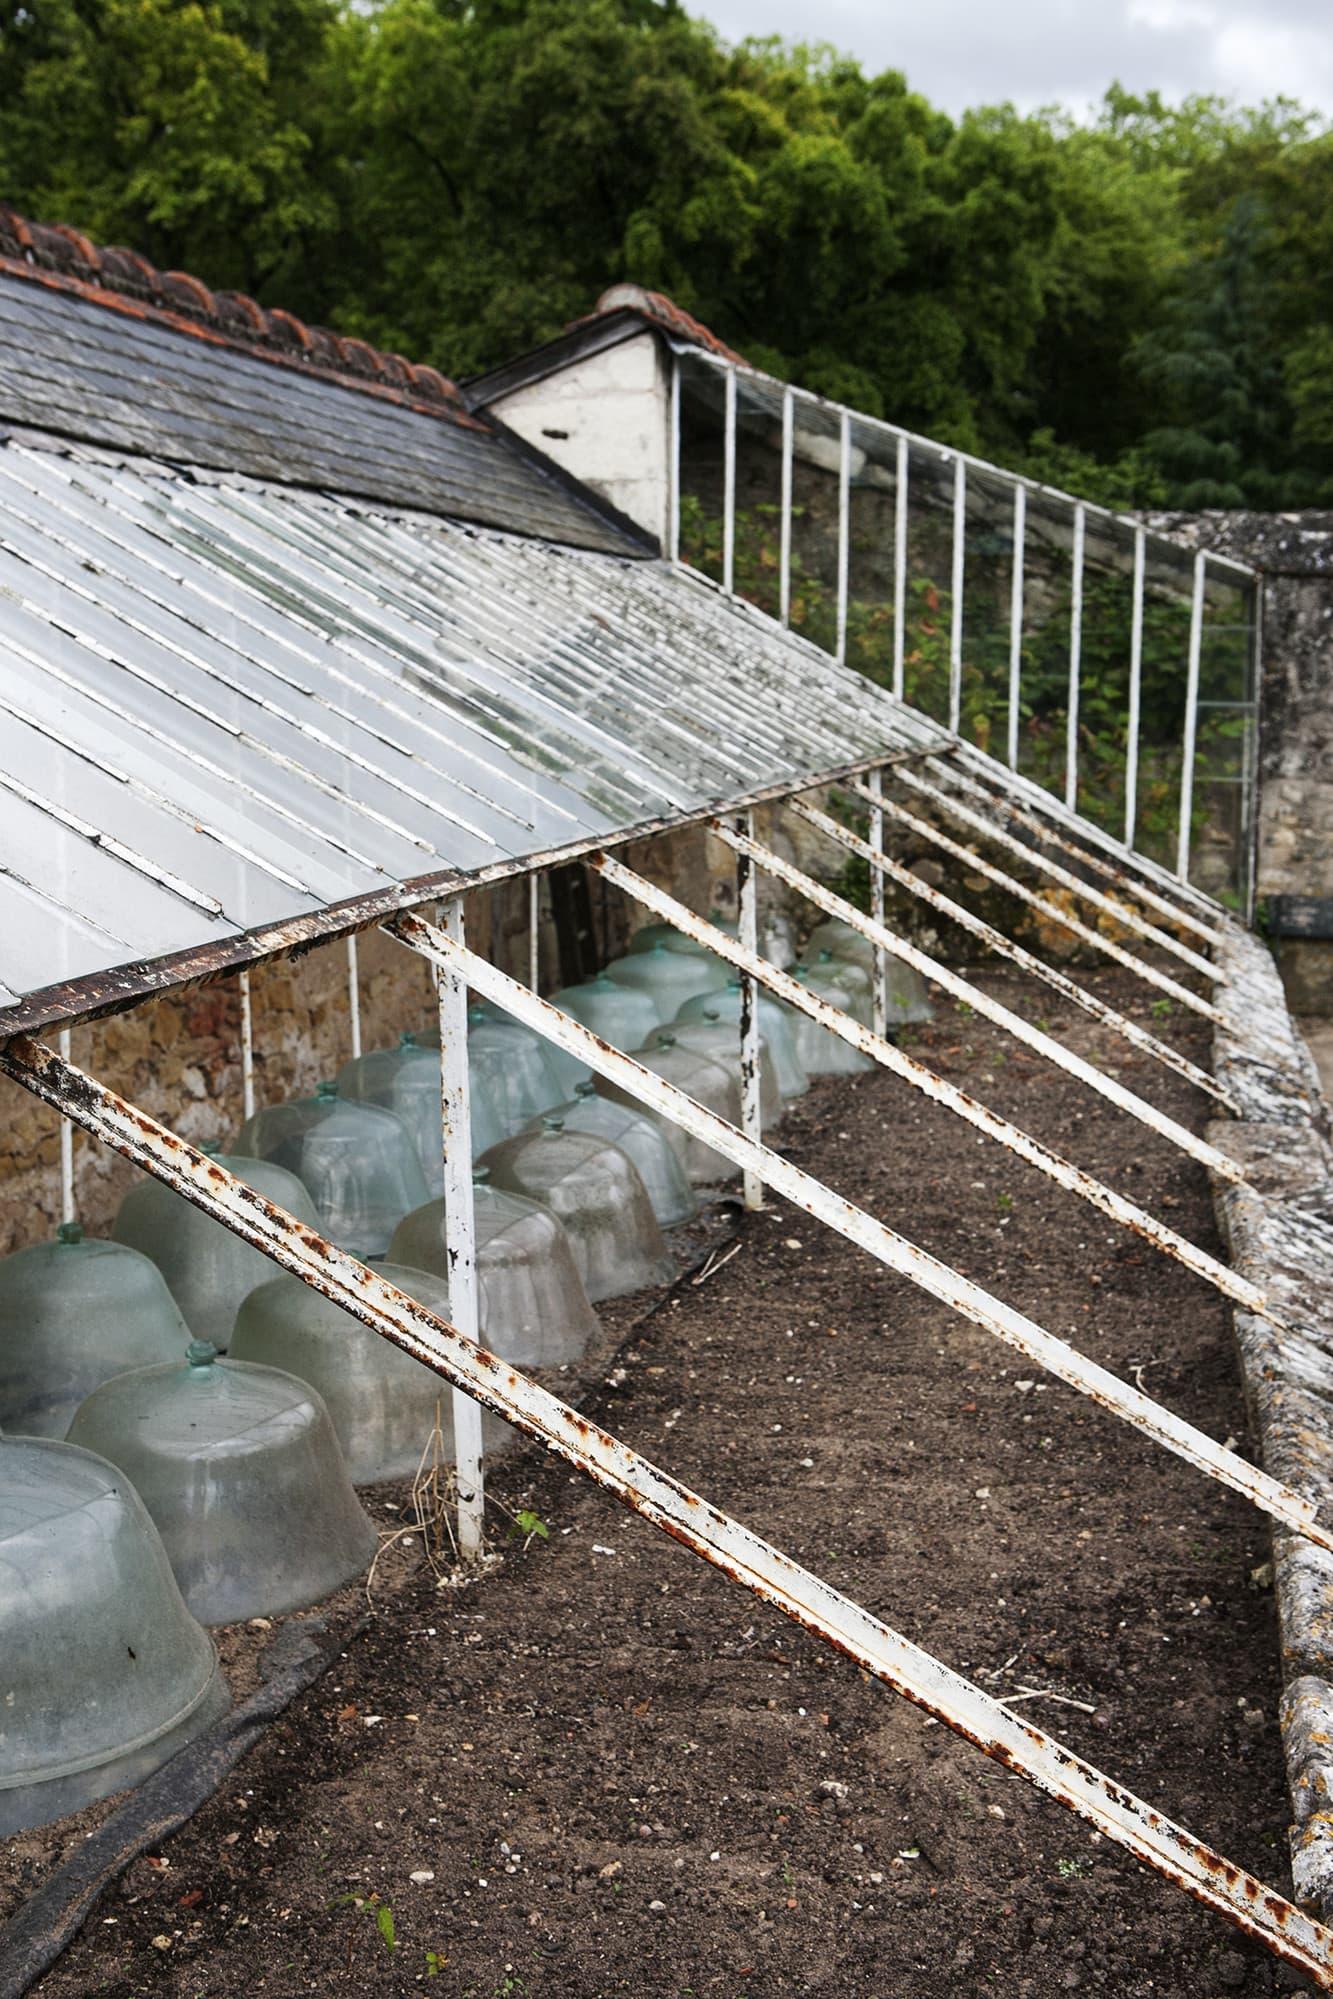 I de glasförsedda jordbäddarna kan man börja driva upp plantor tidigt på säsongen.